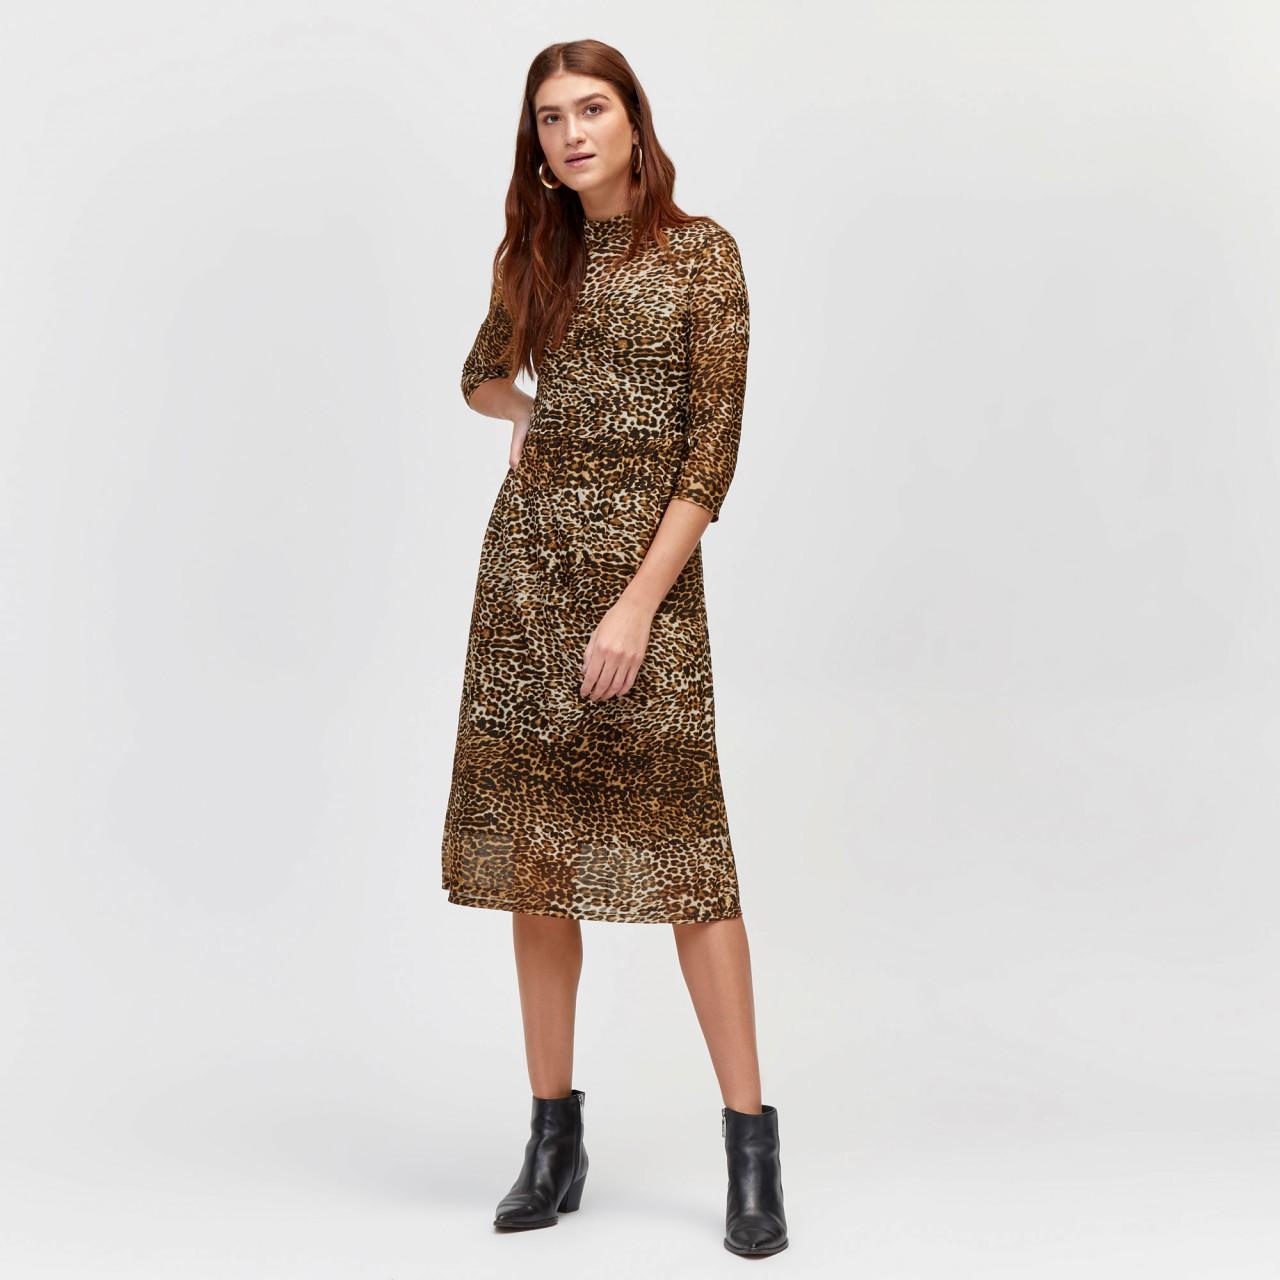 Модель в приталенном платье с леопардовым принтом